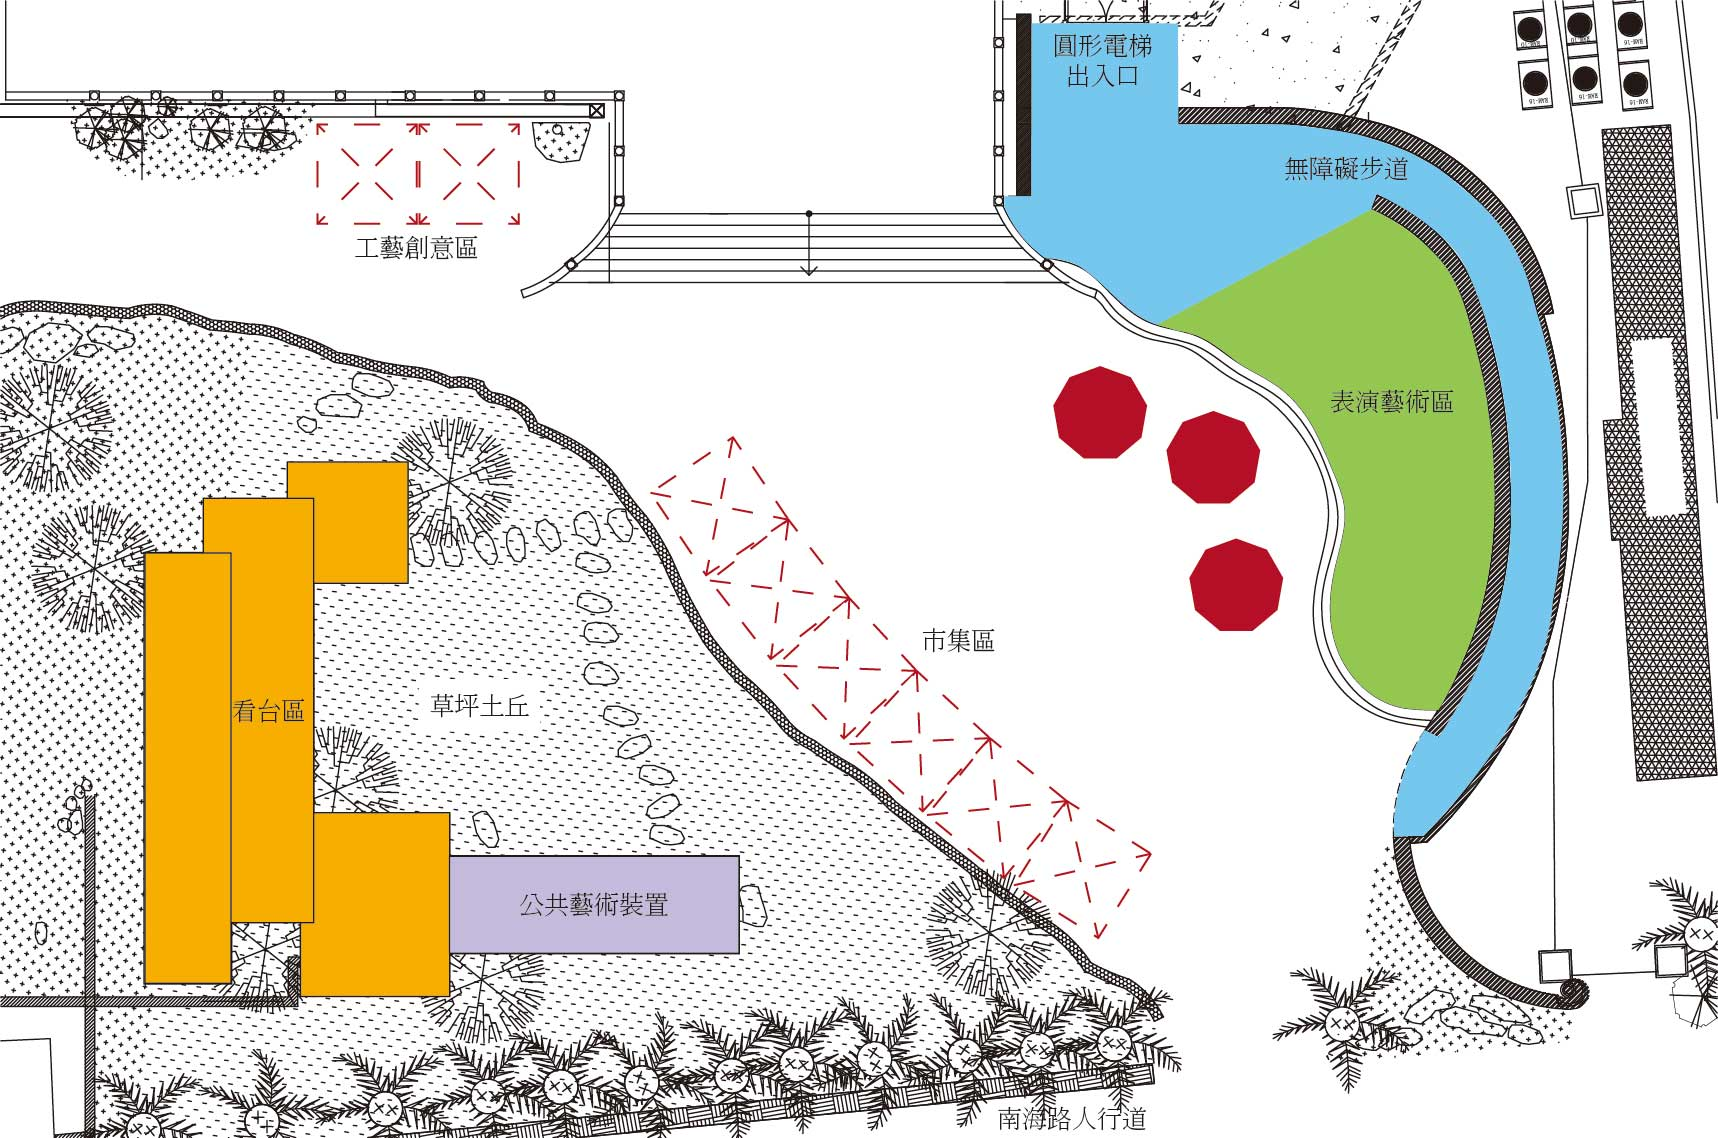 臺北當代工藝設計分館(另開新視窗)